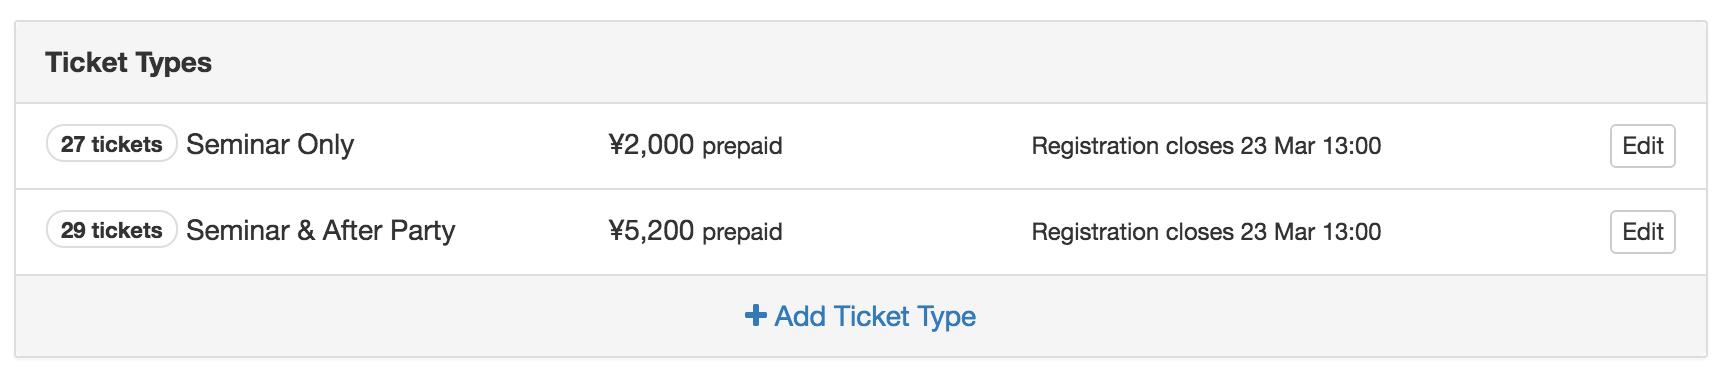 En ticket type update